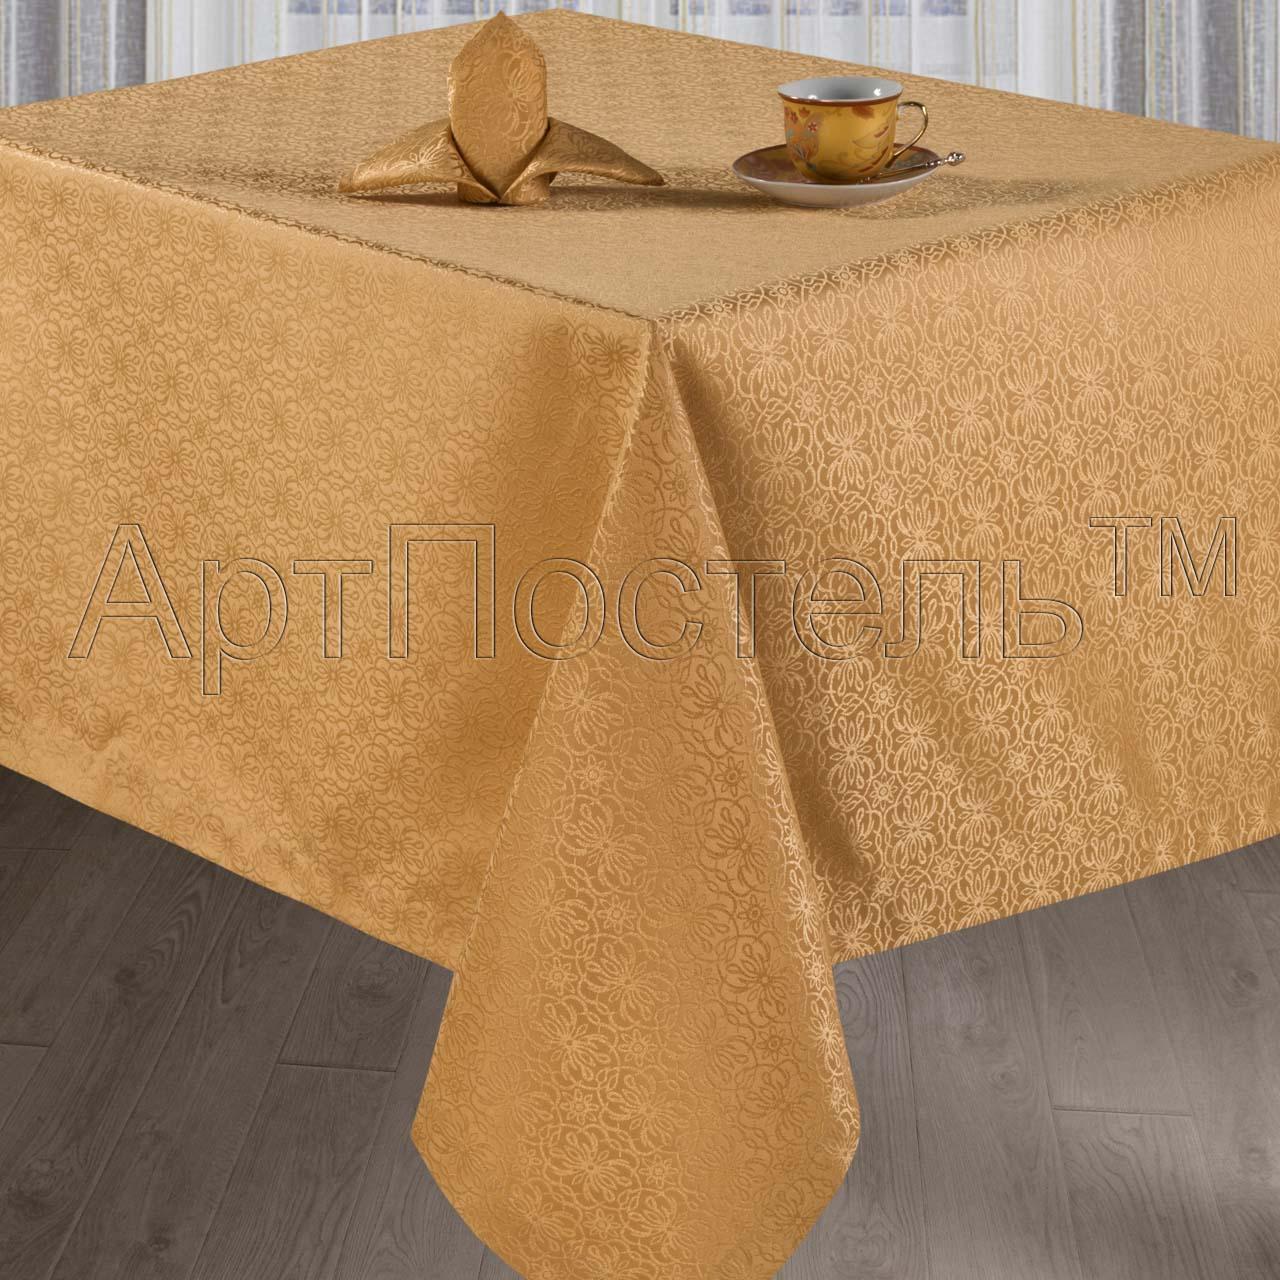 Кухонные принадлежности Шарлотта Золото р. 120х150Скатерти<br>Скатерть: 120х150 см - 1 шт. <br>Салфетка: 35х35 см - 4 шт.<br><br>Тип: Кухонные принадлежности<br>Размер: 120х150<br>Материал: Жаккард